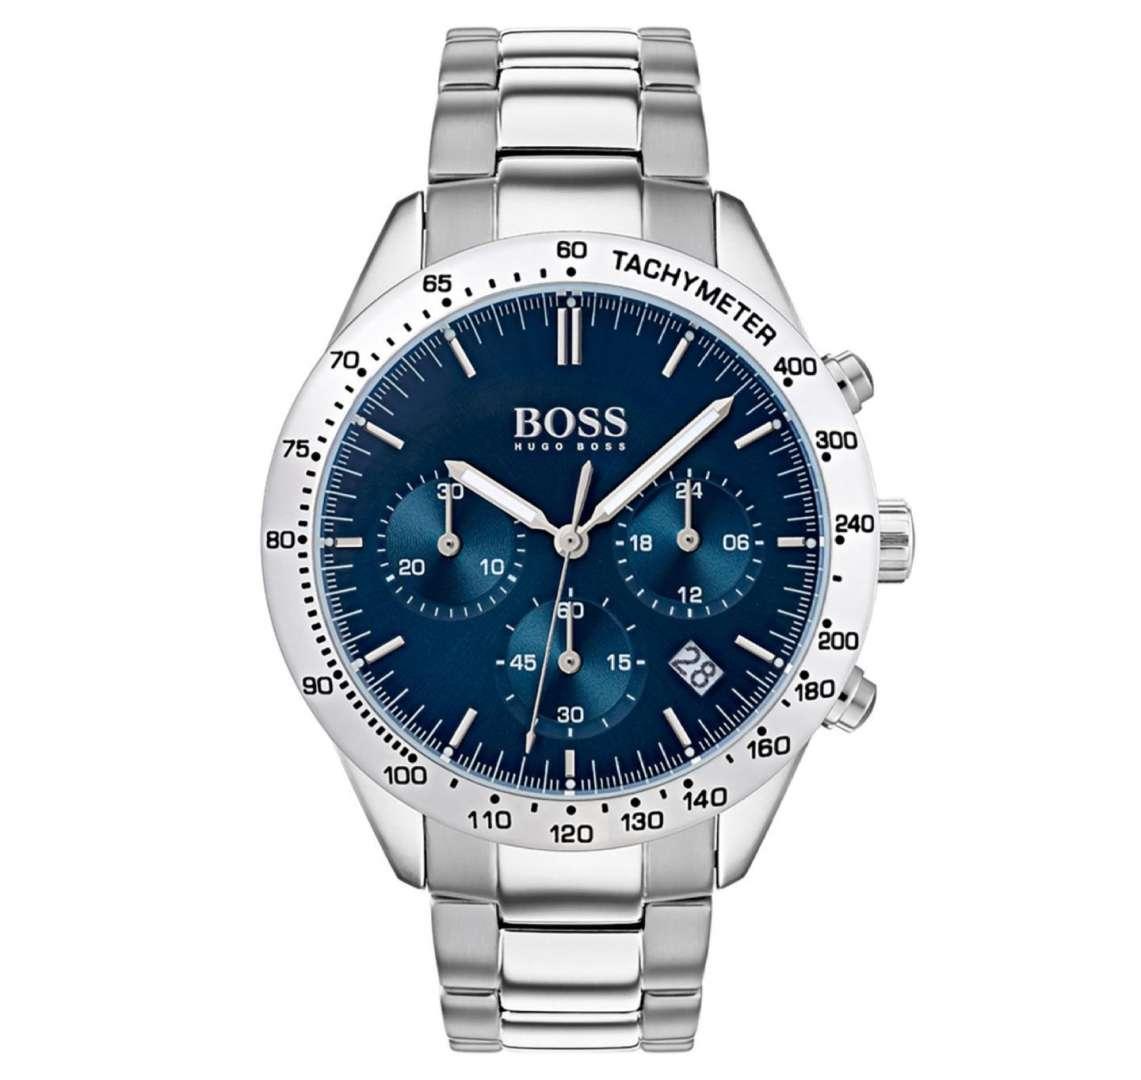 שעון יד אנלוגי לגבר hugo boss 1513582 הוגו בוס